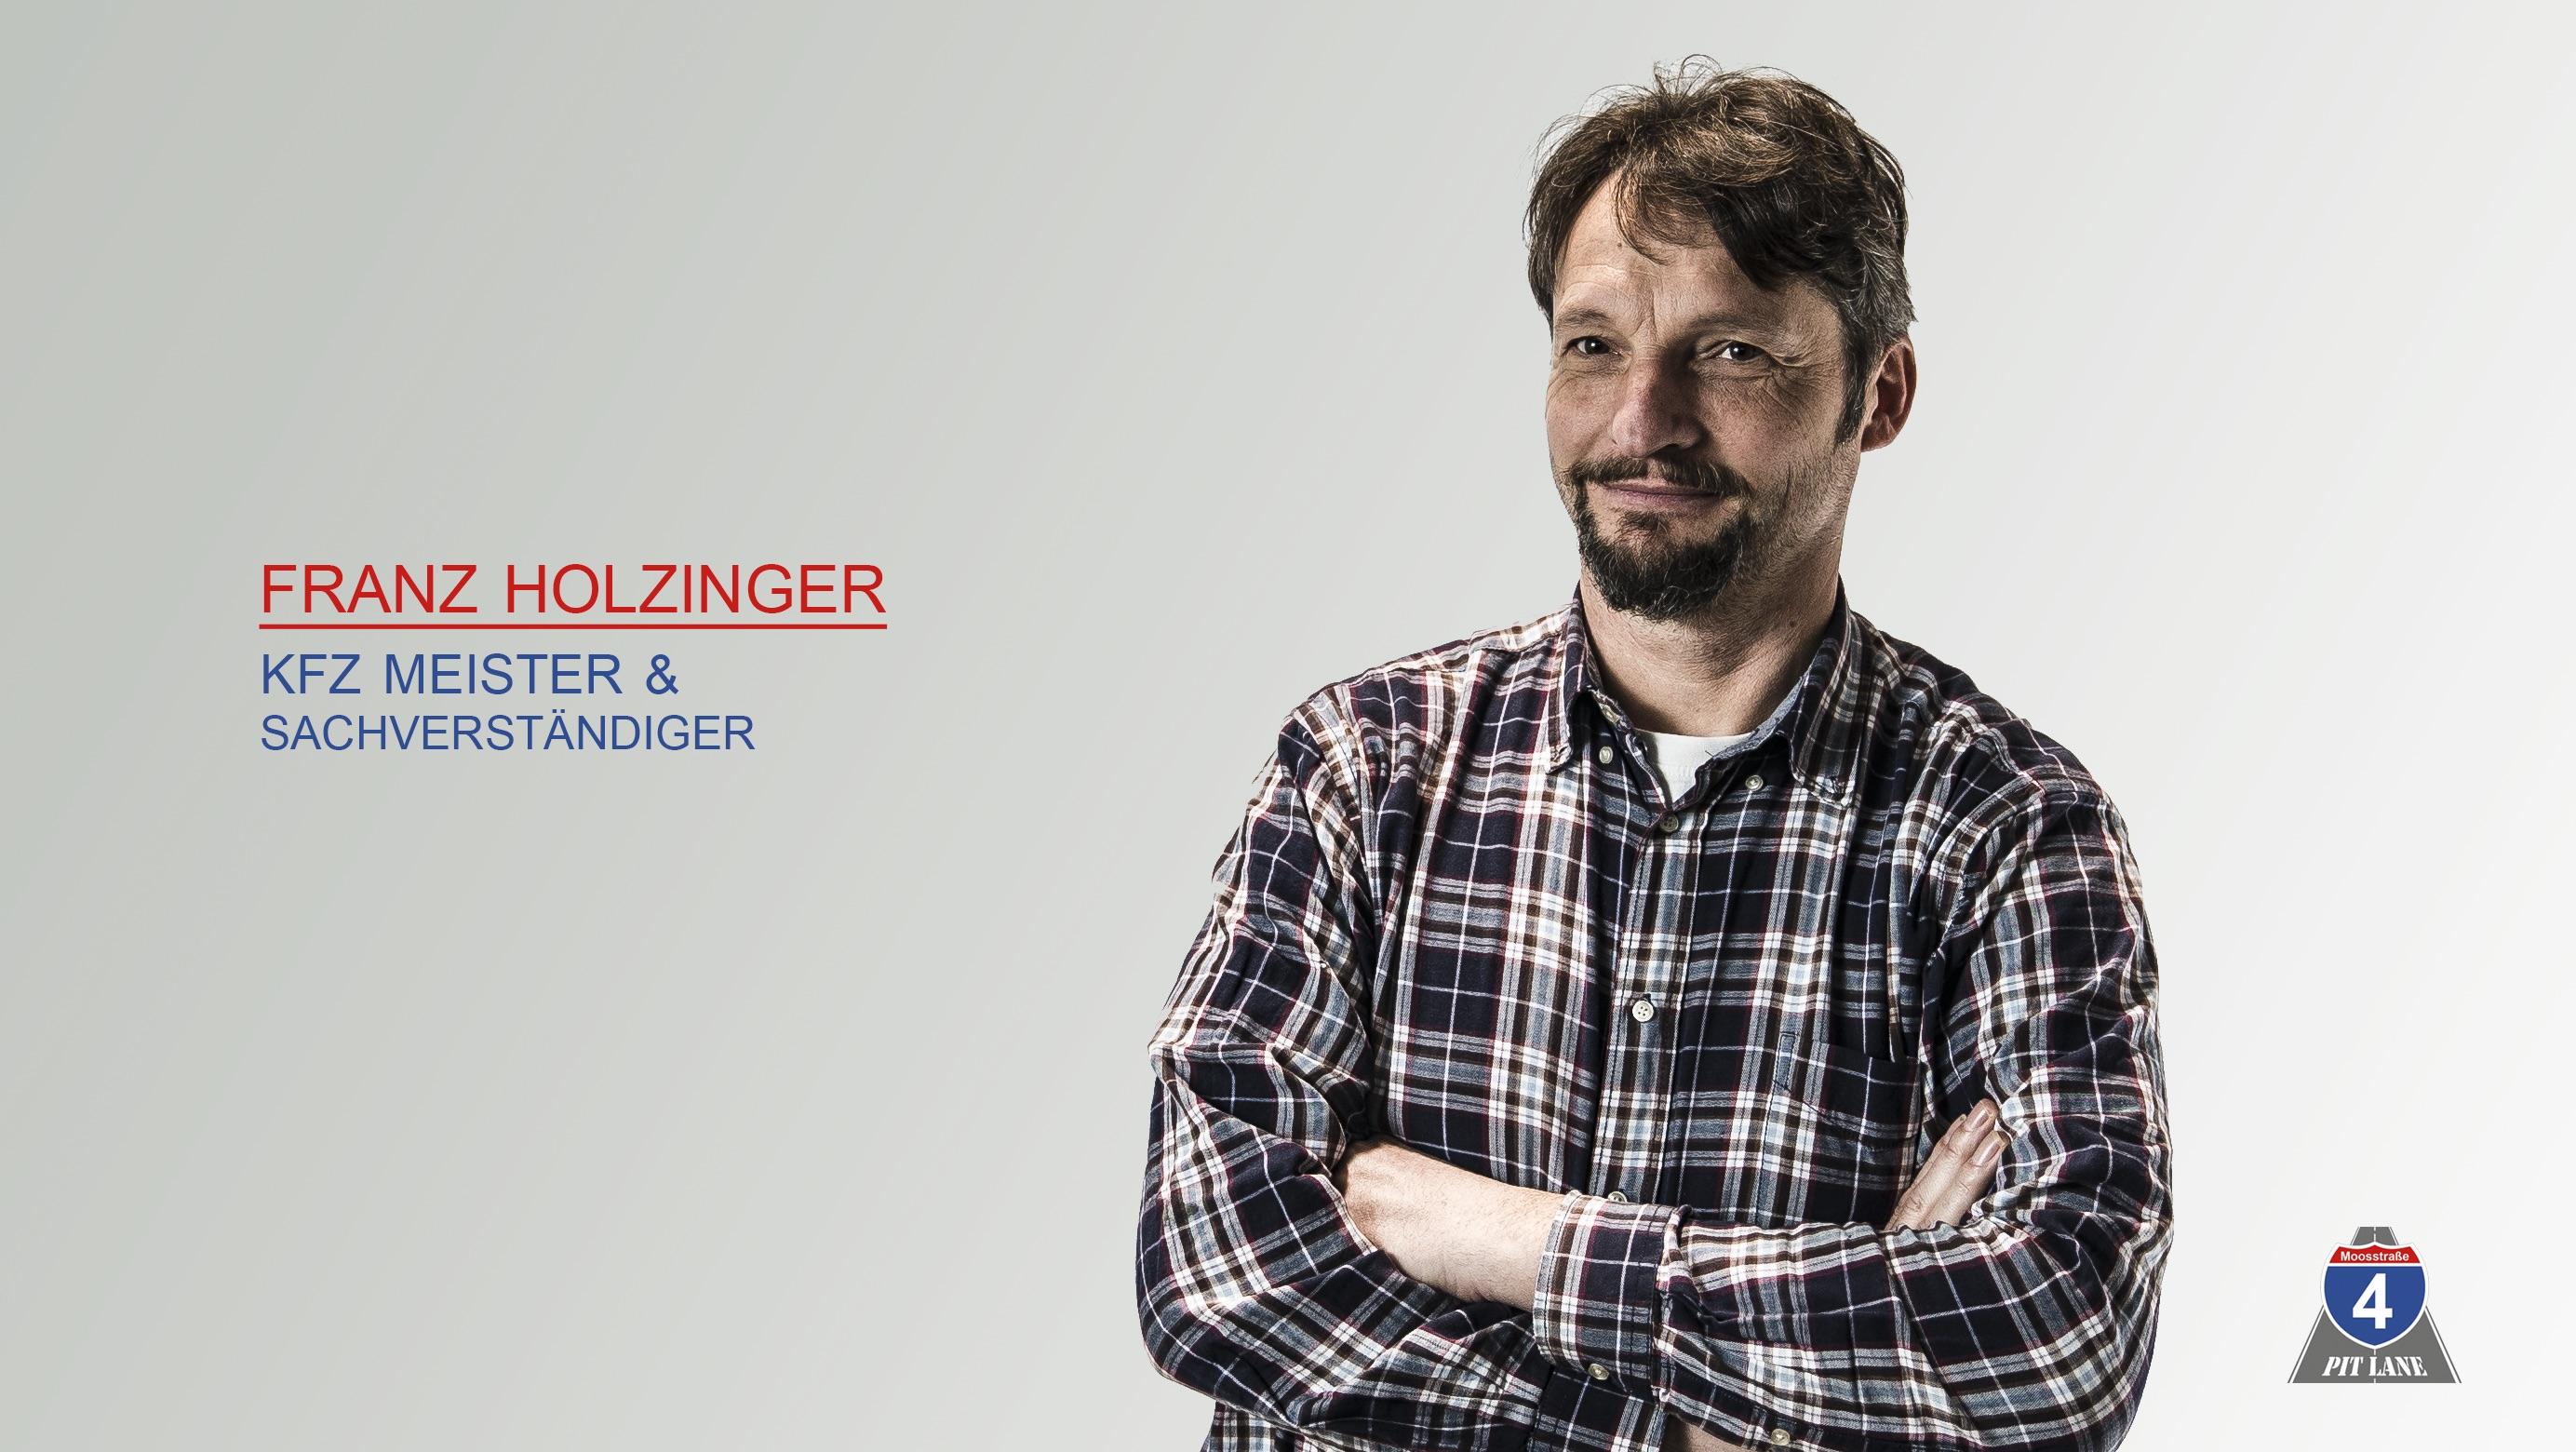 Bild von Franz Holzinger